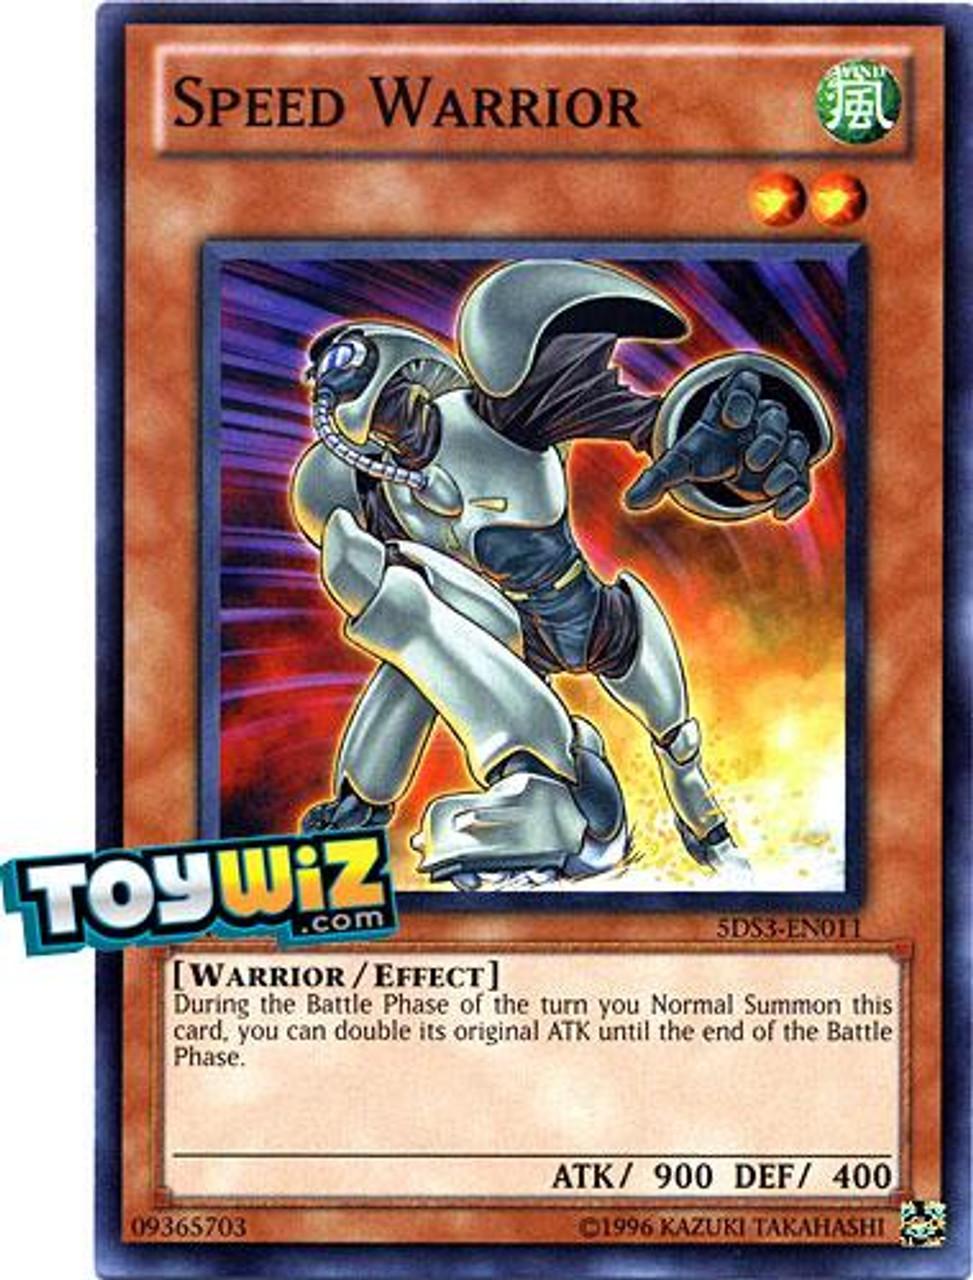 YuGiOh 5D's 2010 Duelist Toolbox Common Speed Warrior #5DS3-EN011